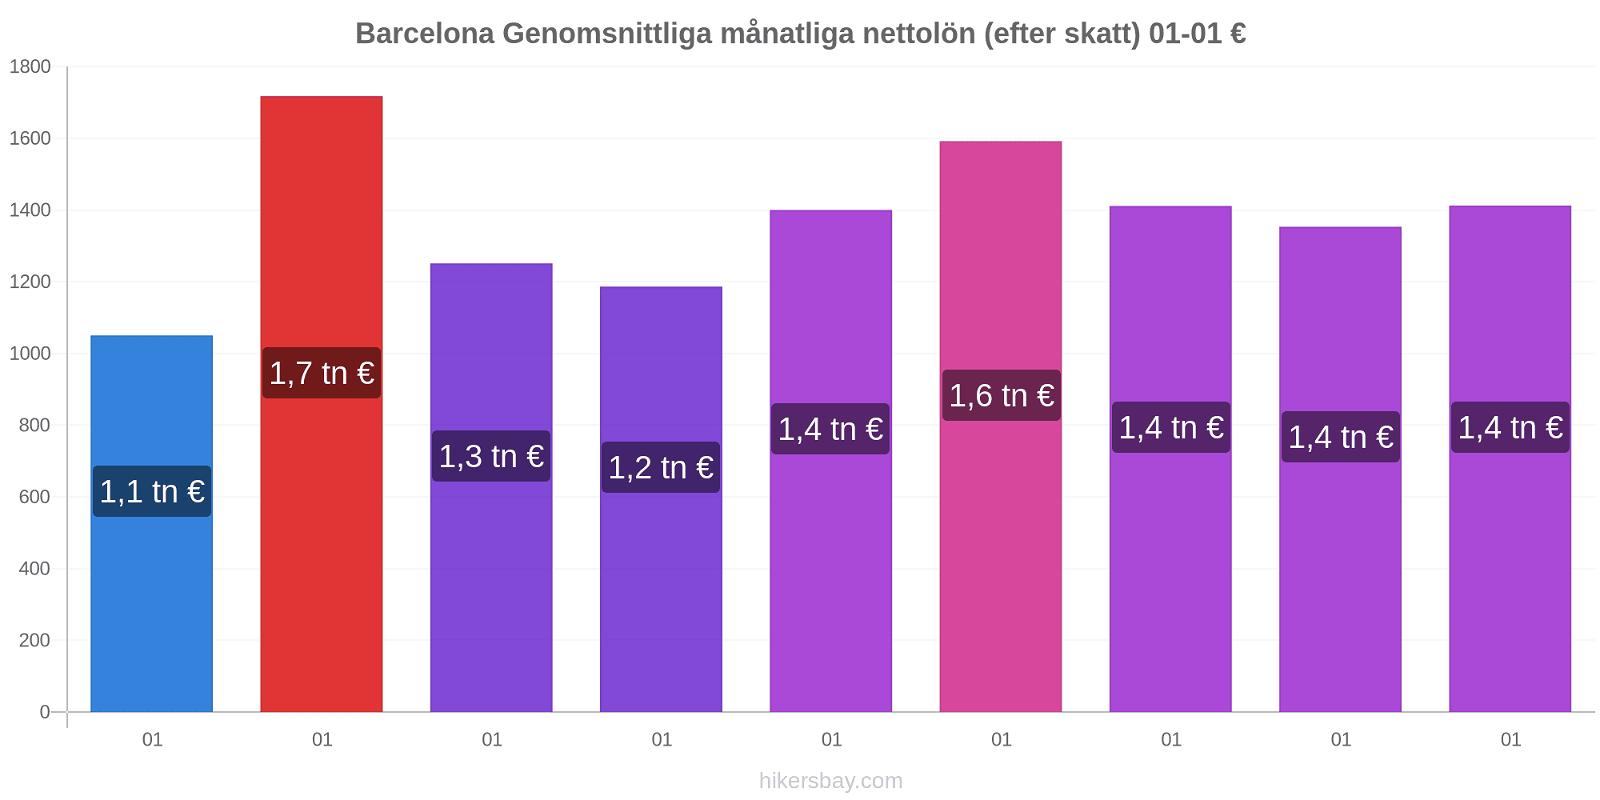 Barcelona prisförändringar Genomsnittliga månatliga nettolön (efter skatt) hikersbay.com